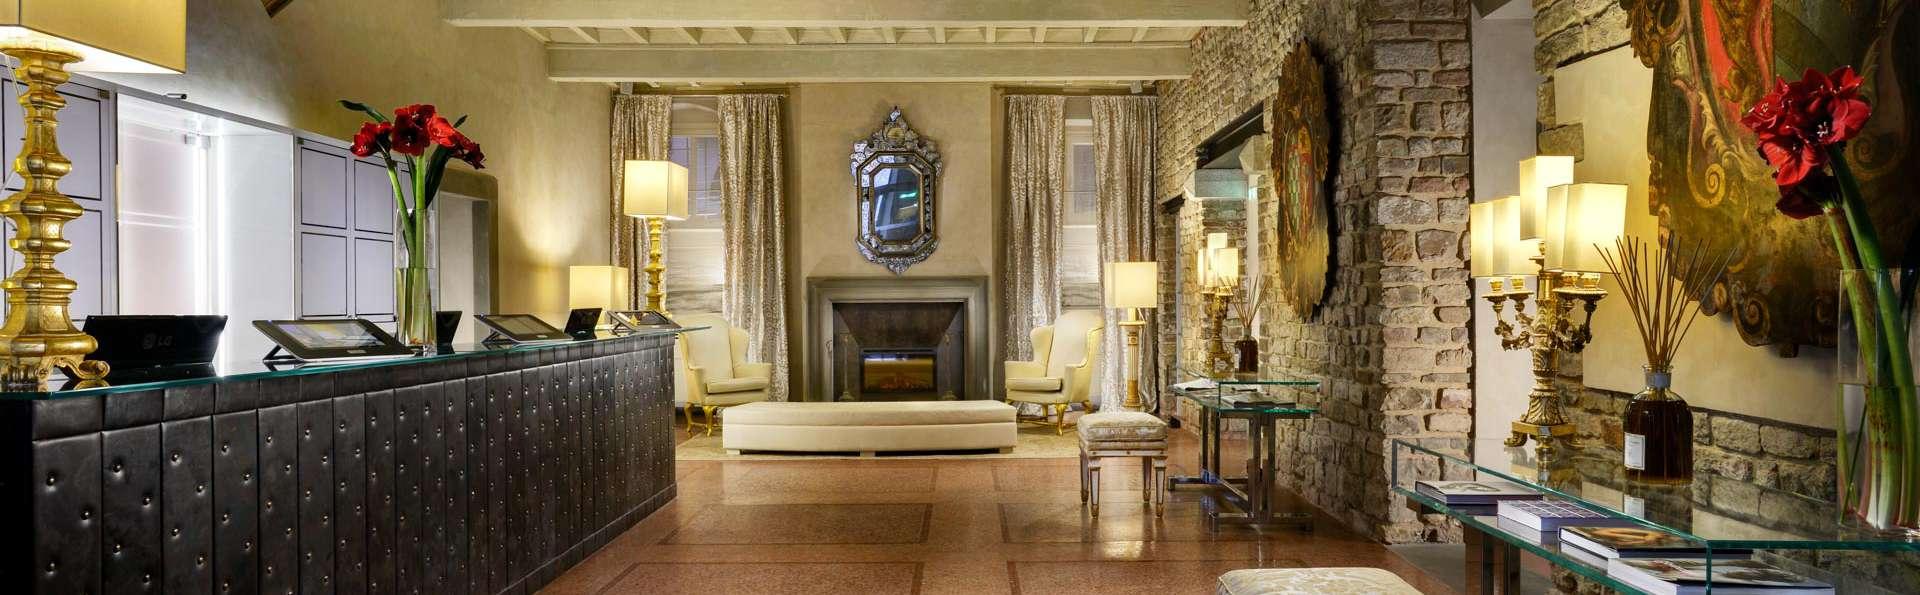 Séjour dans un élégant hôtel 4 étoiles en plein cœur de Florence